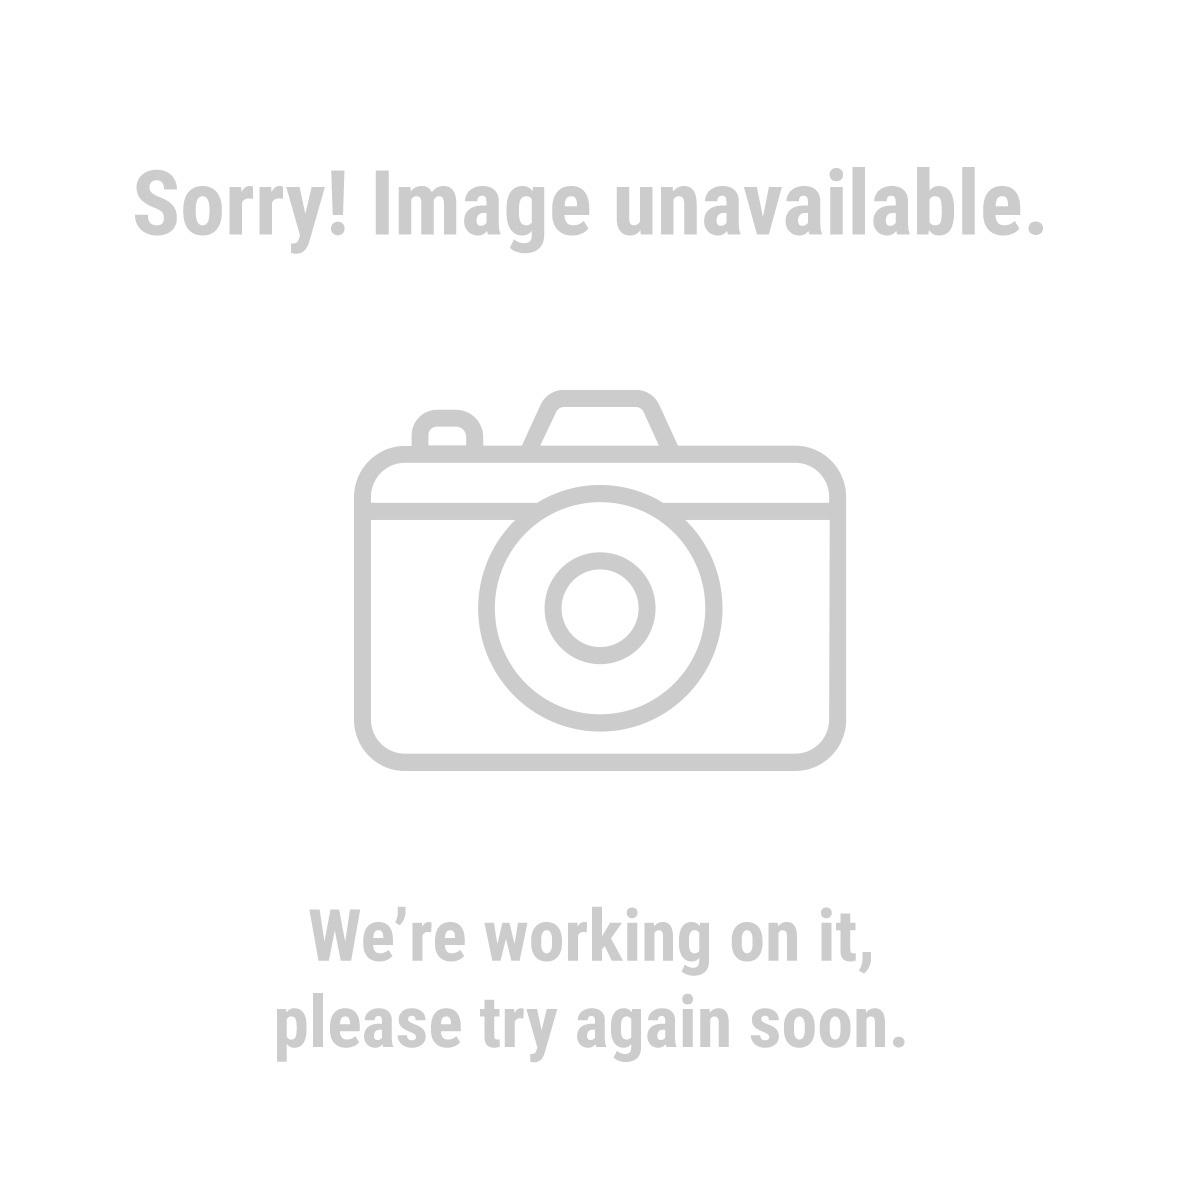 Goop 40717 4.5 Lb. Goop Hand Cleaner